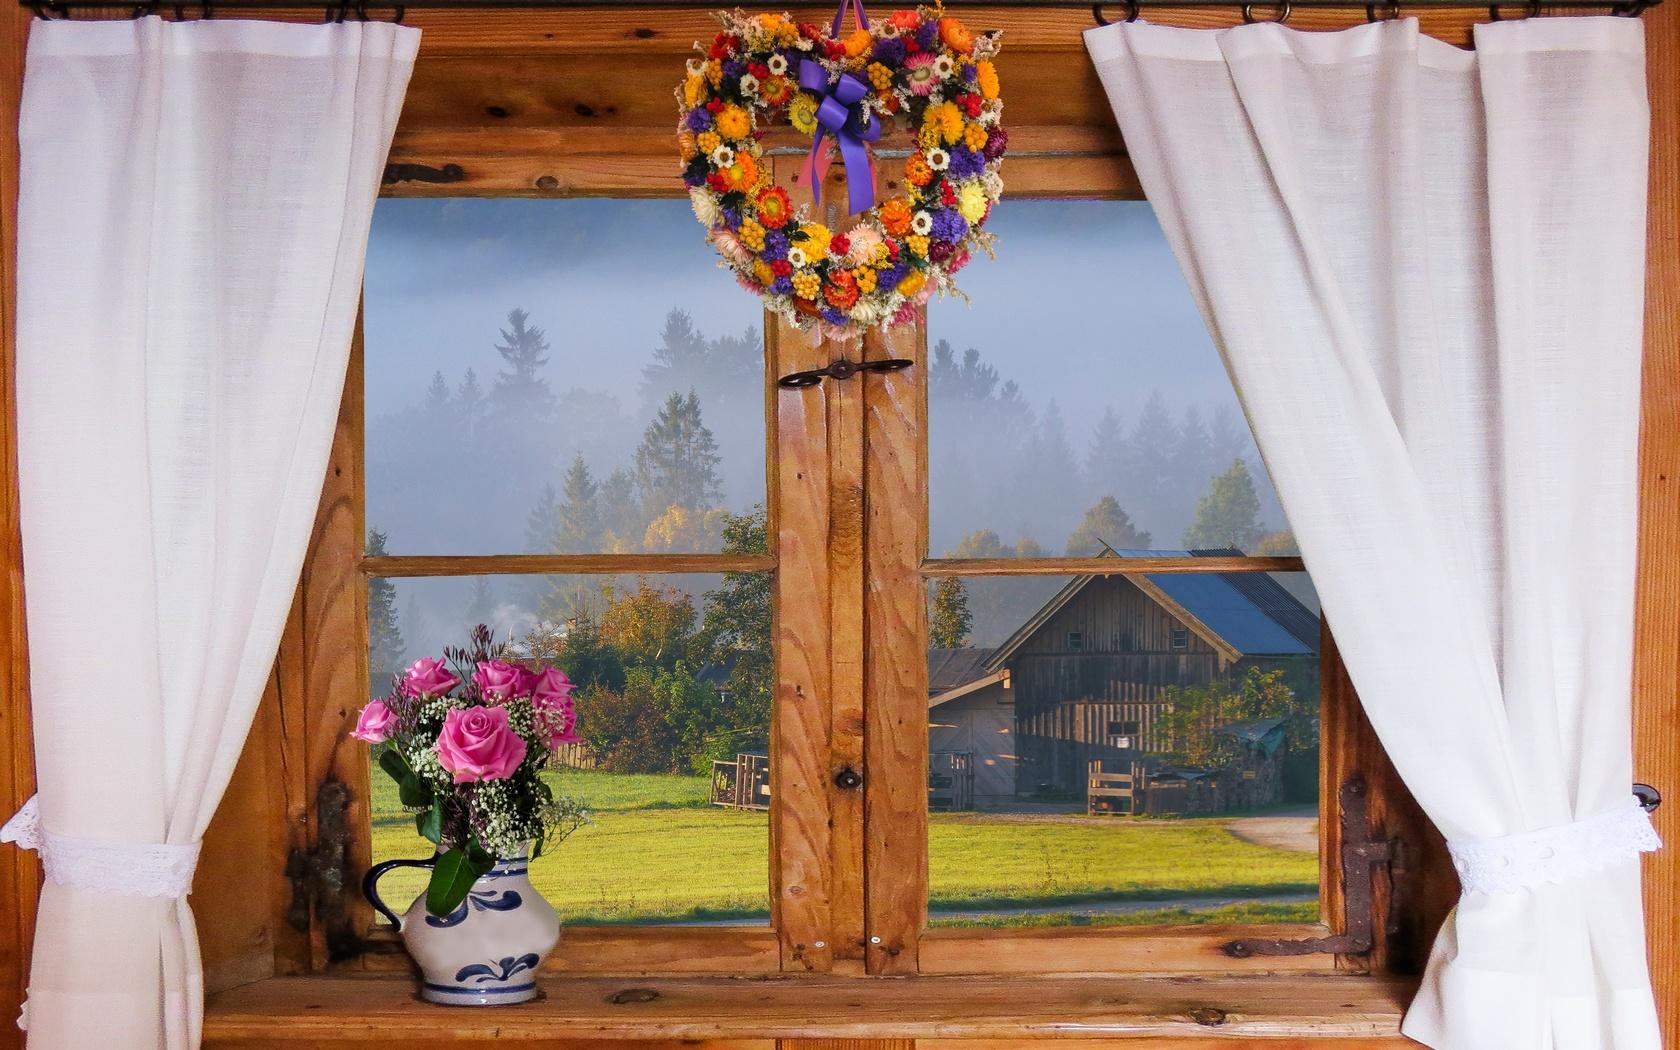 окно, занавески, кувшин, цветы, букет, розы, венок, деревня